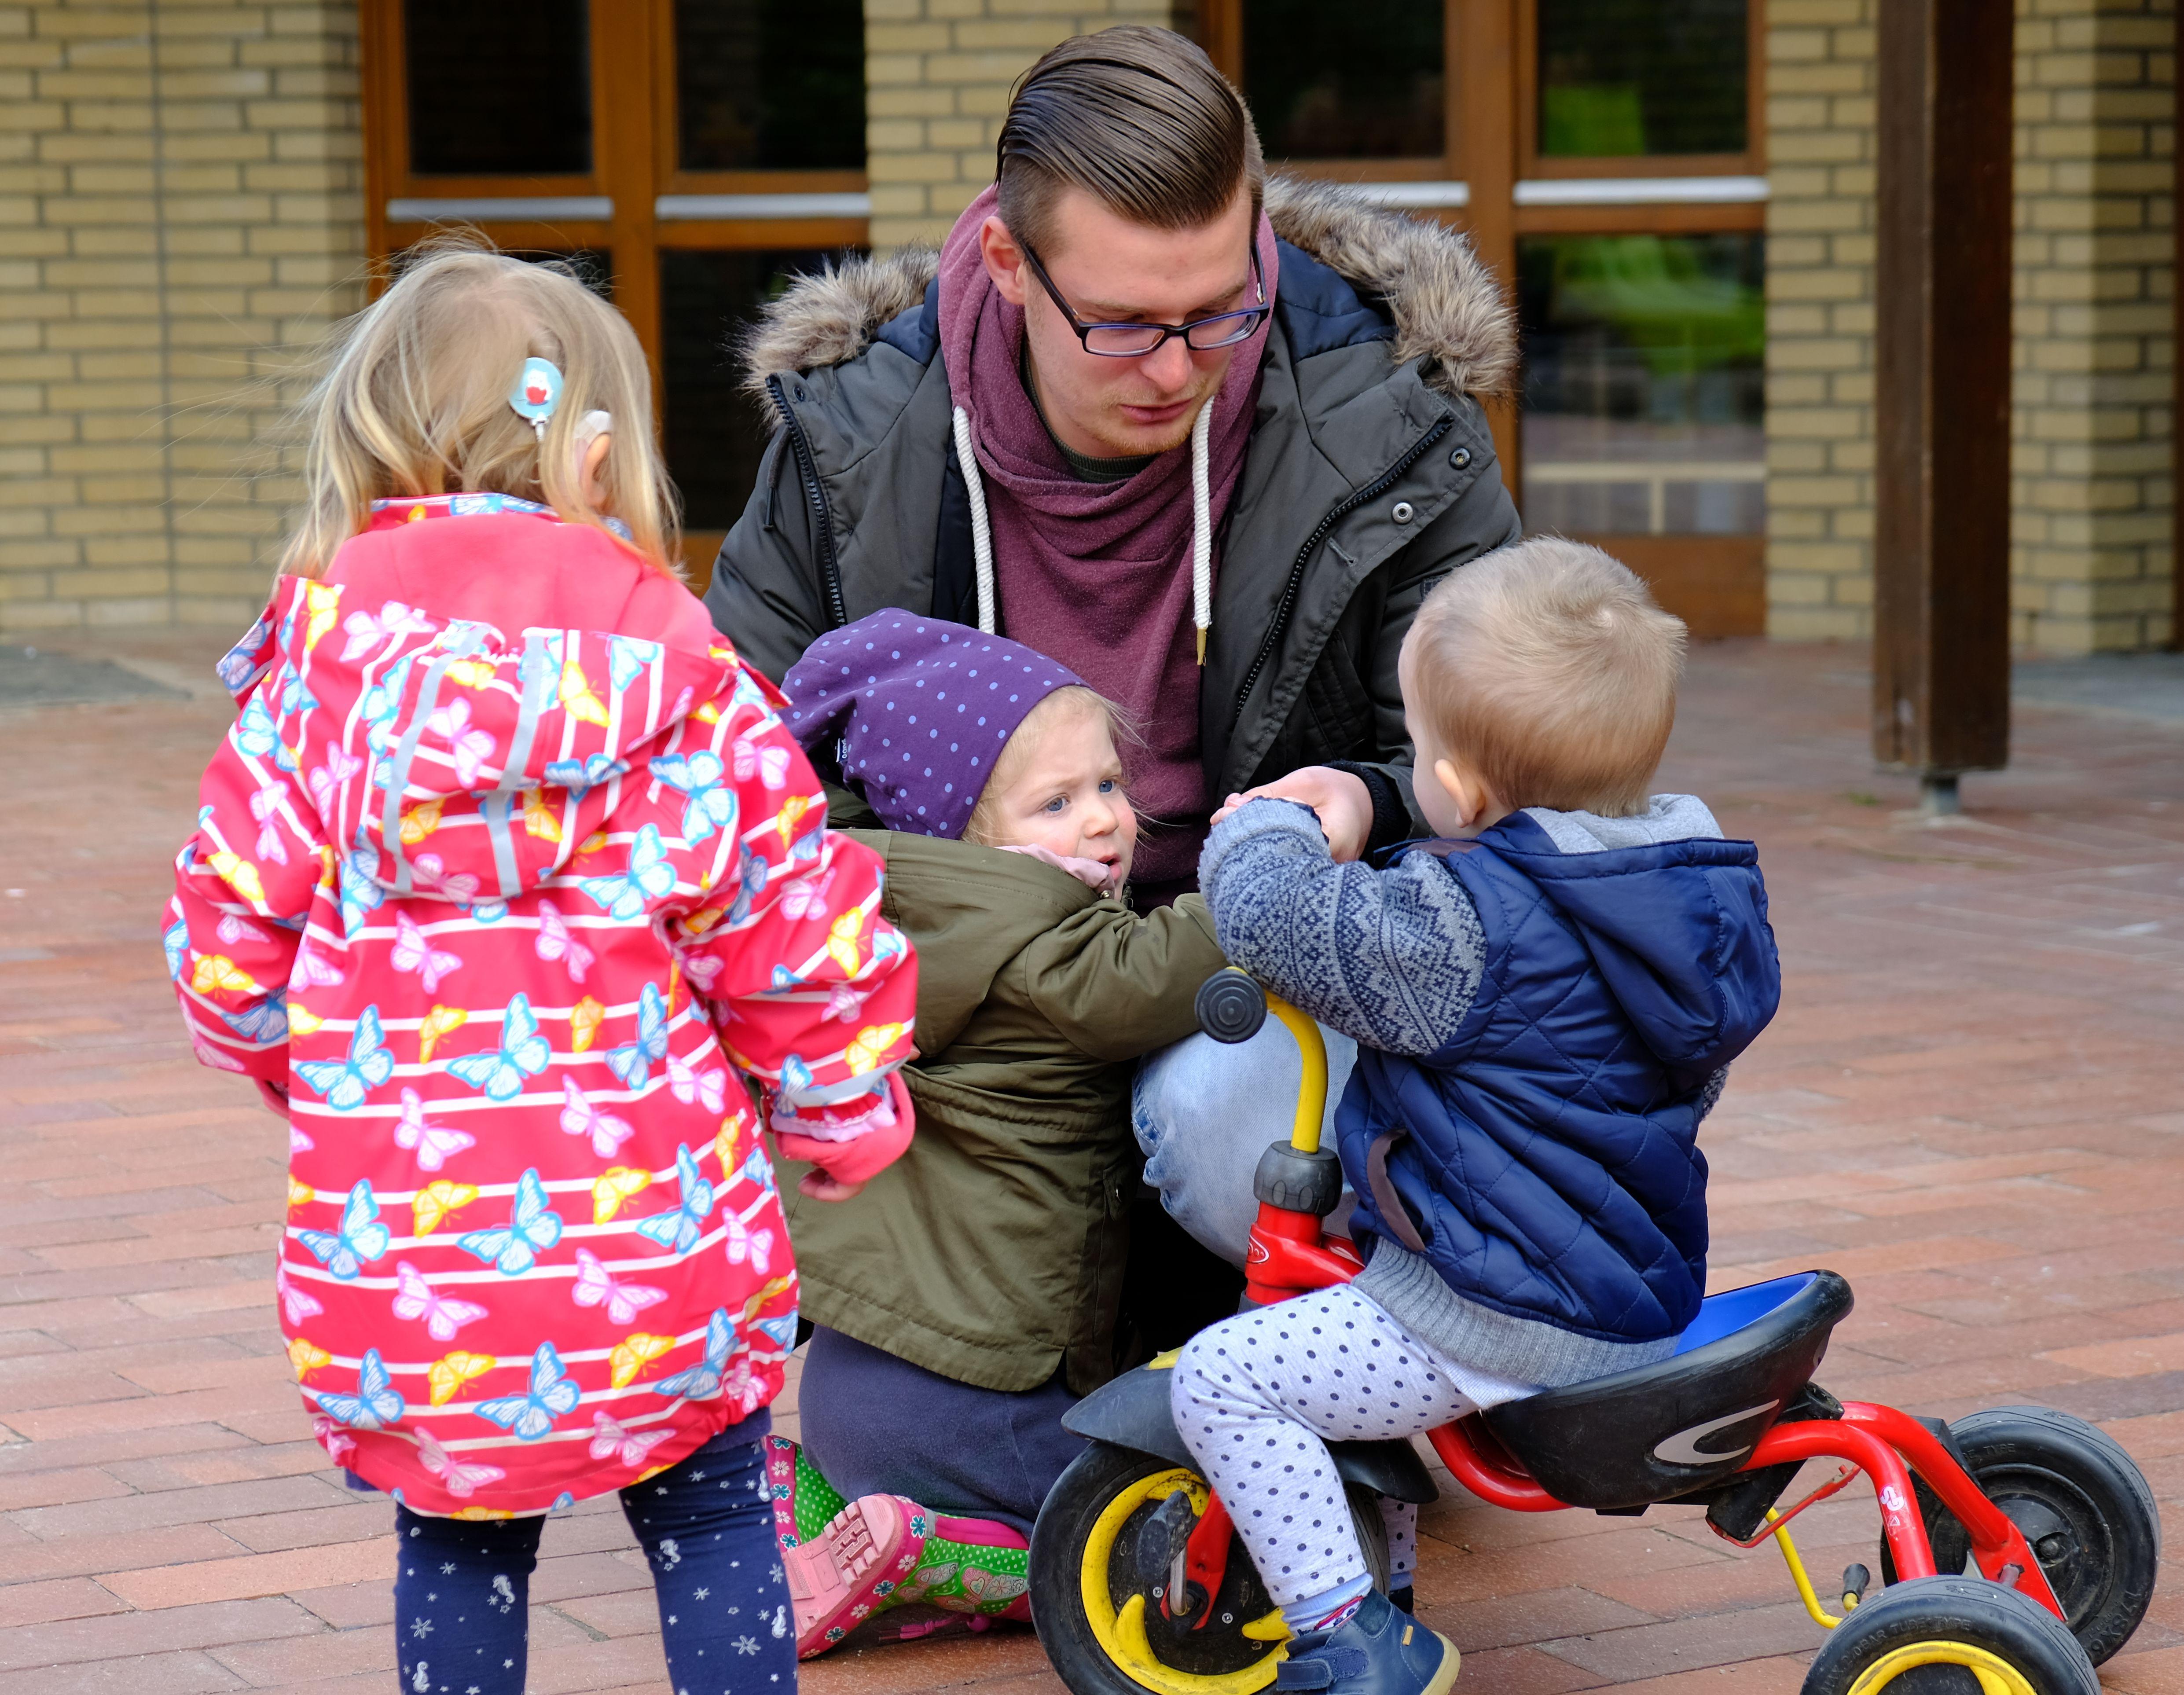 Foto: Ein Erzieher kümmert sich um drei Krippenkinder im Außengelände einer Kindertagesstätte